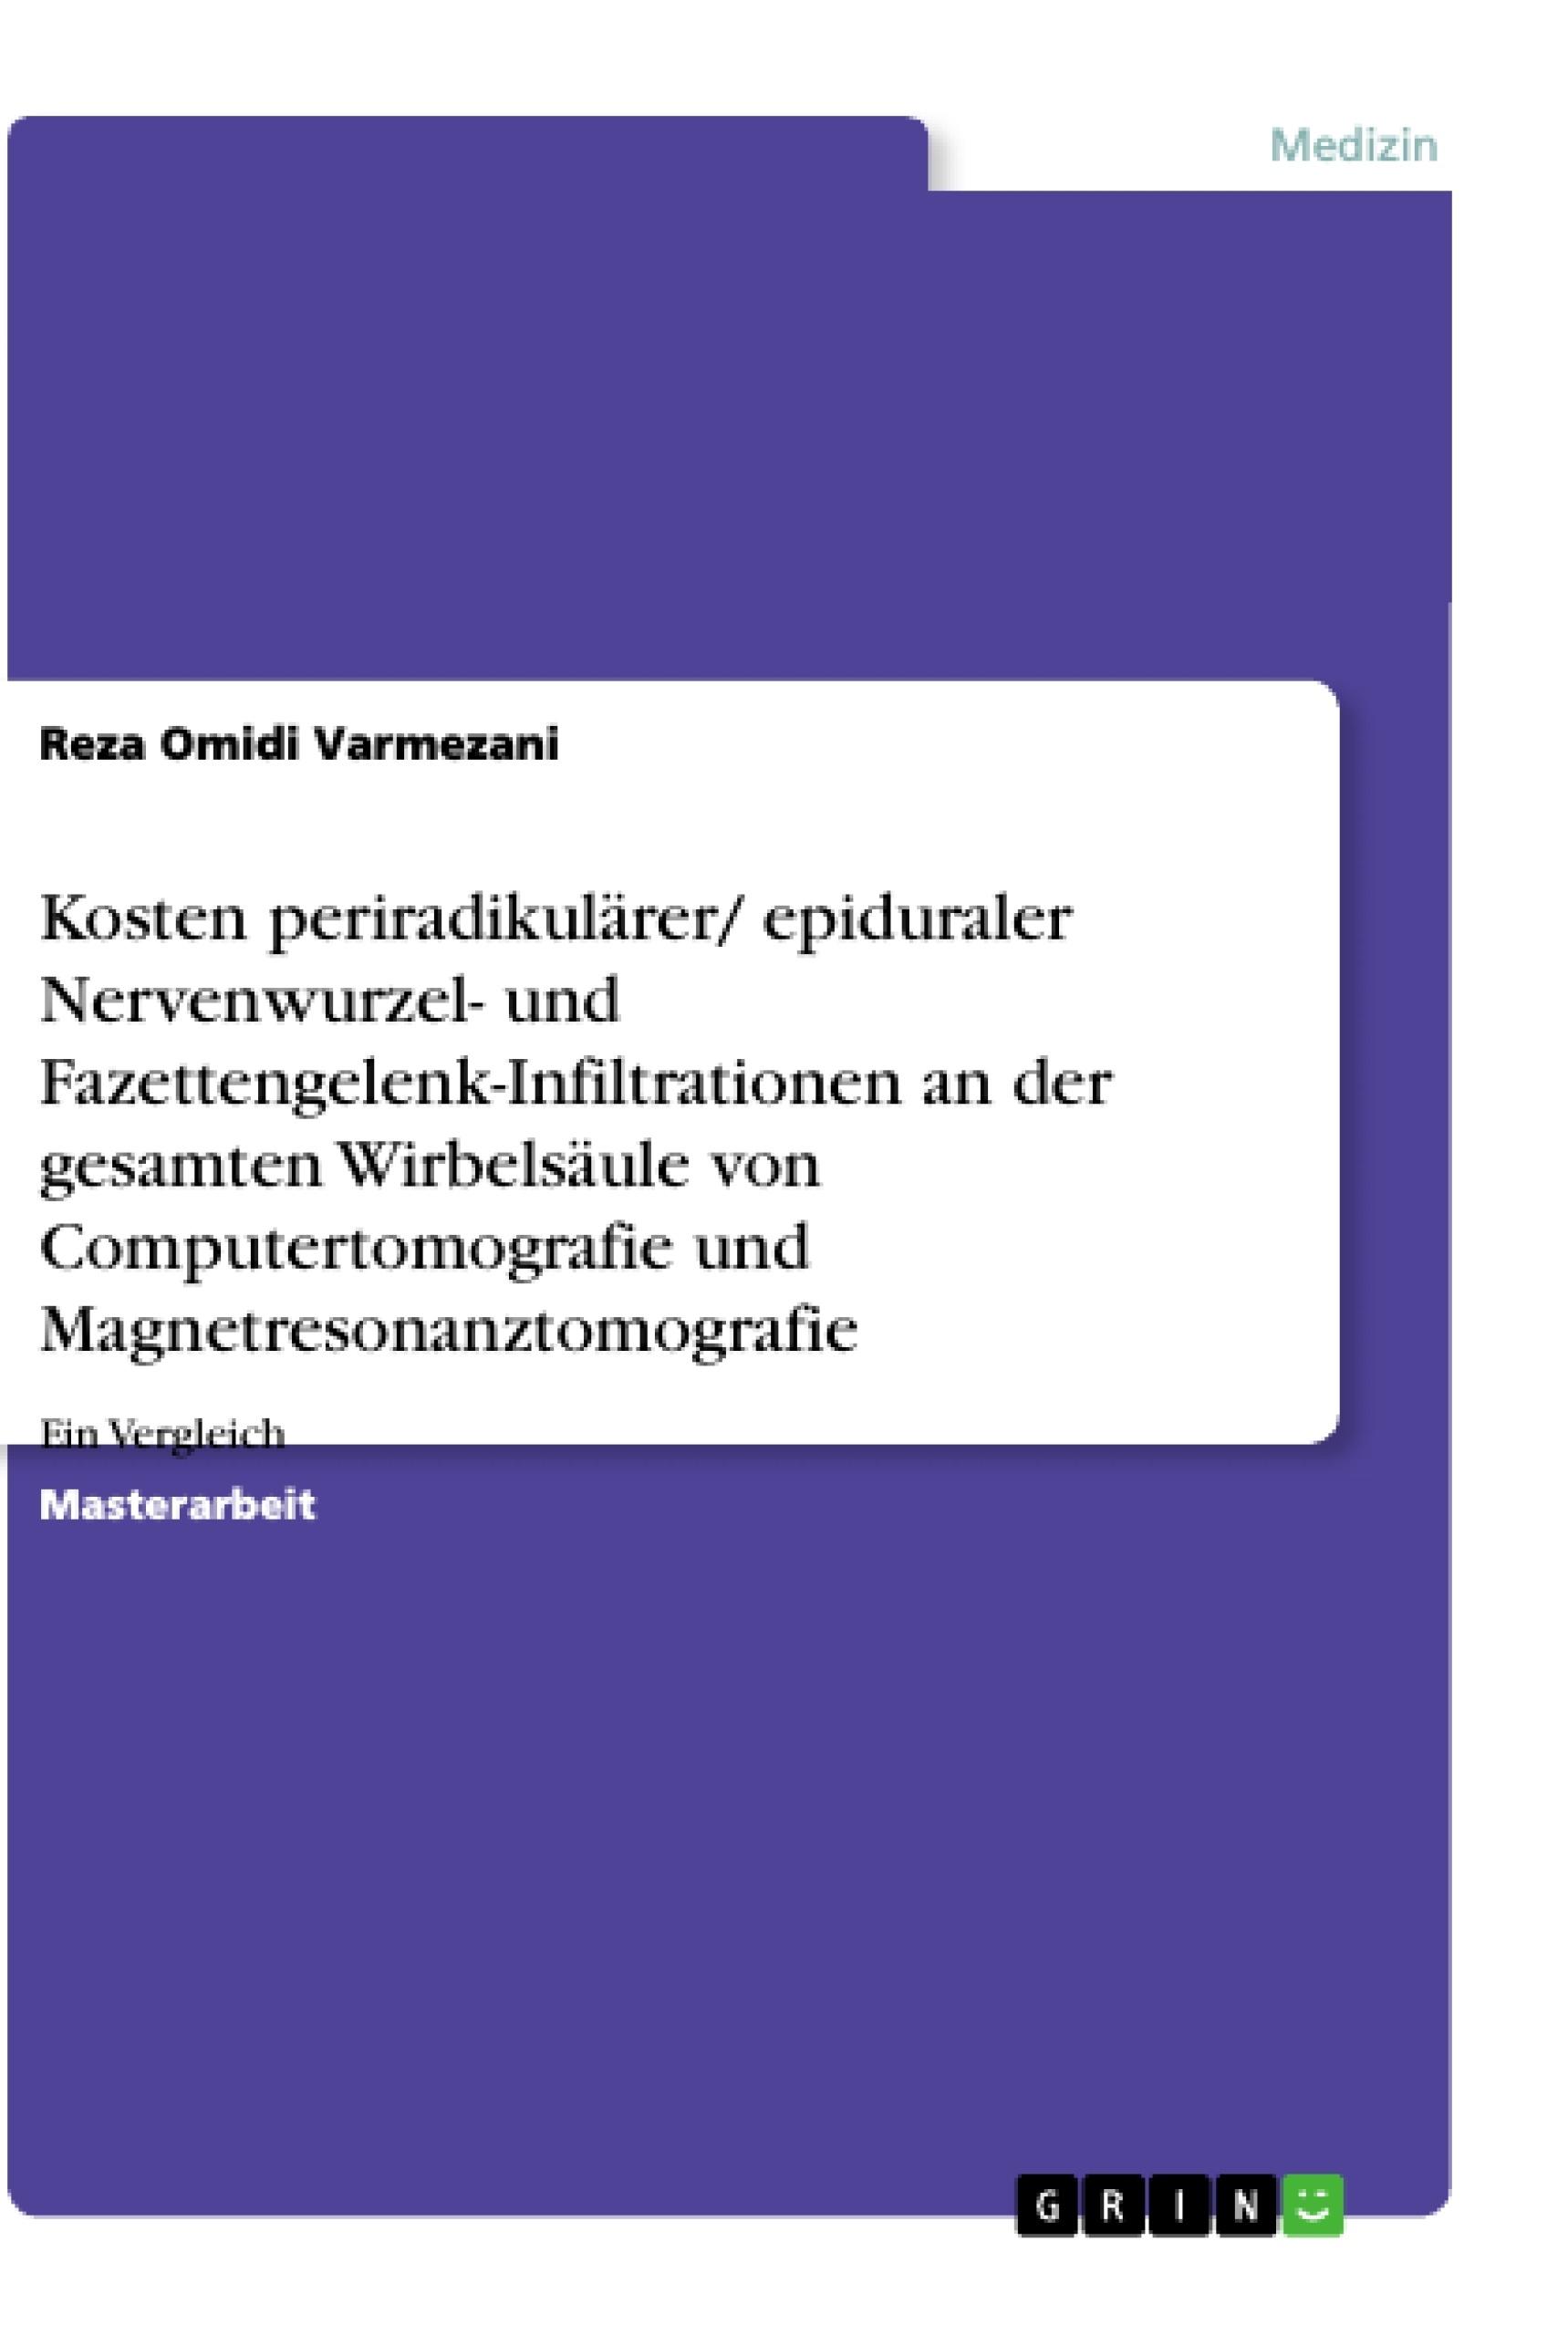 Titel: Kosten periradikulärer/ epiduraler Nervenwurzel- und Fazettengelenk-Infiltrationen an der gesamten Wirbelsäule von Computertomografie und Magnetresonanztomografie